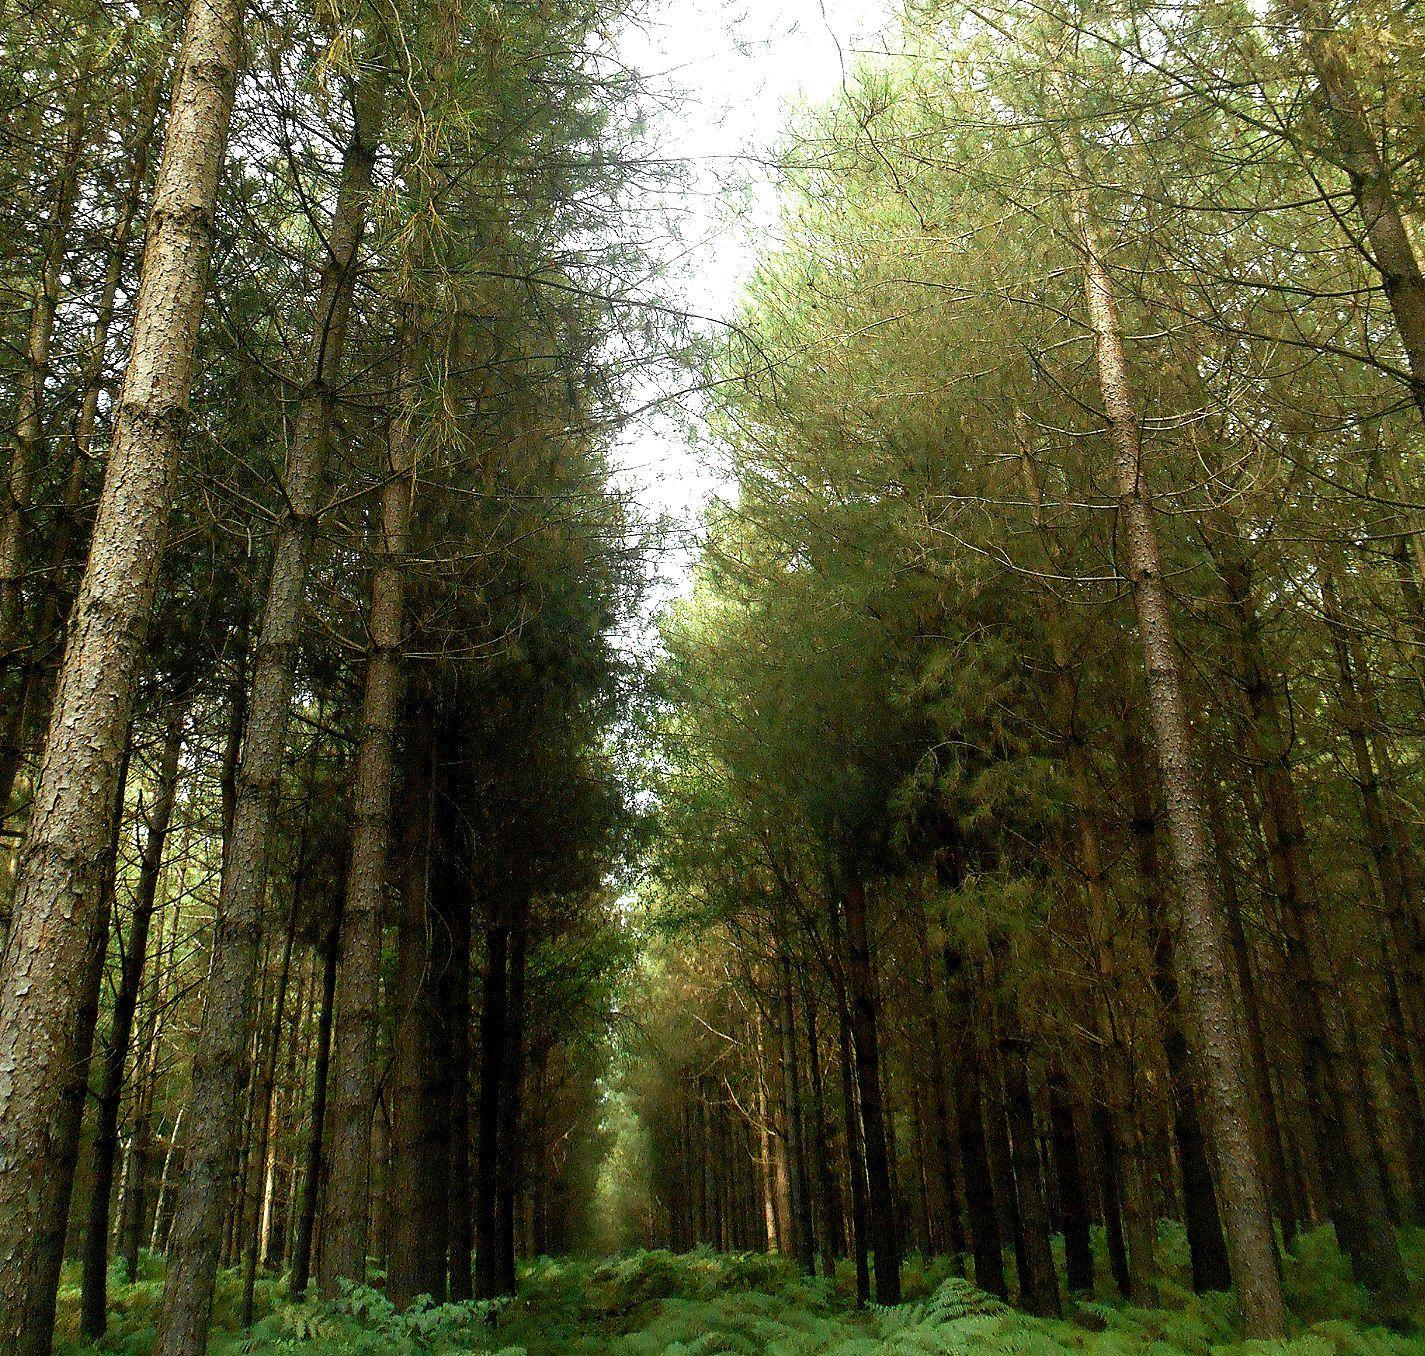 la forêt de conifères